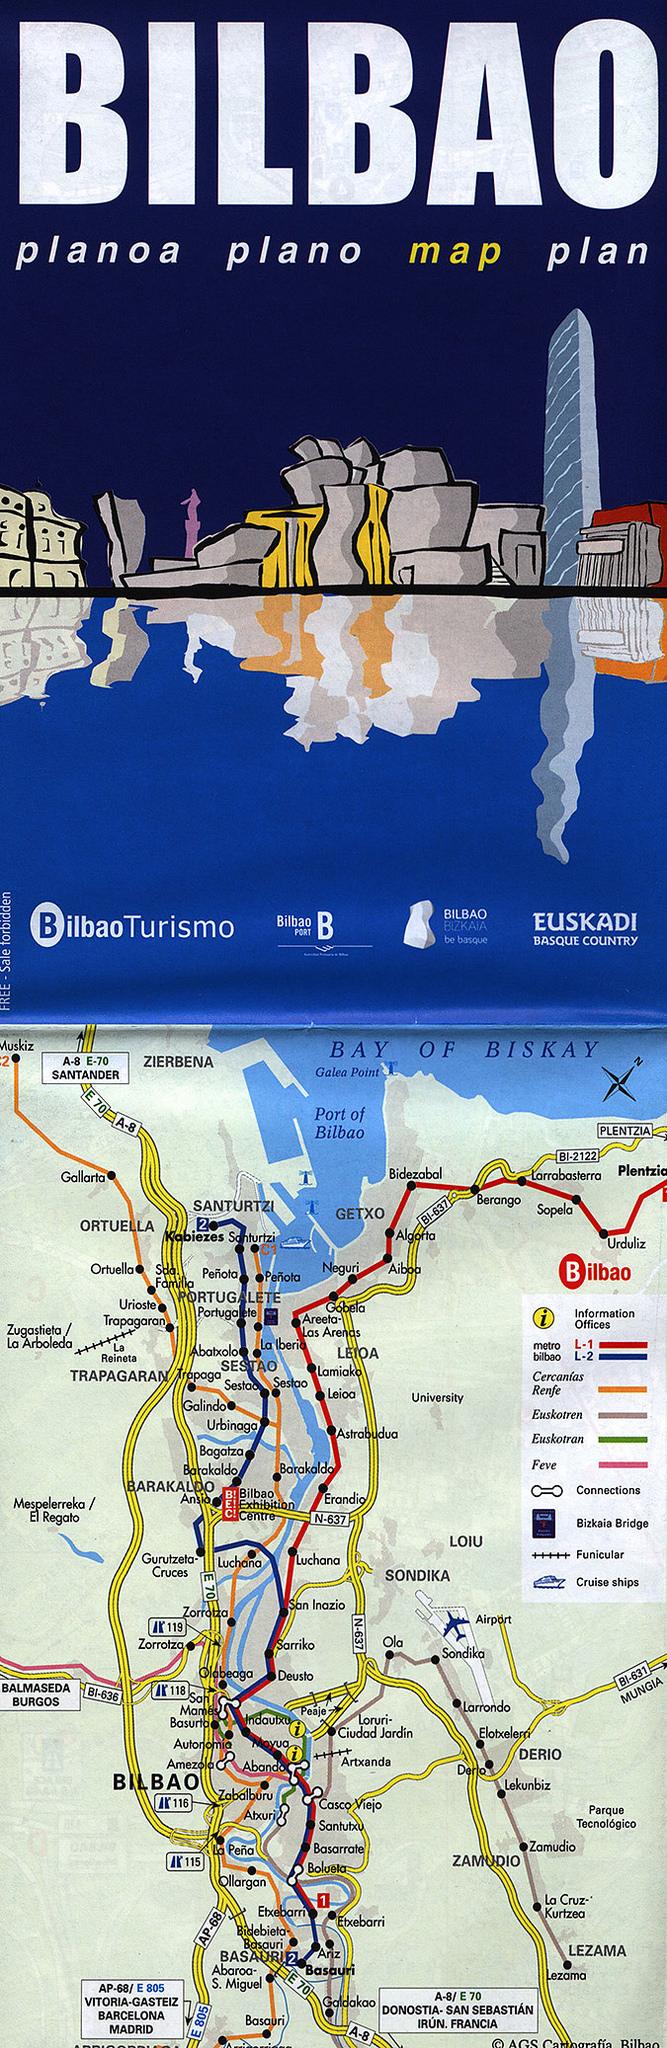 bilbao karta Bilbao planoa plano map plan; 2015_1, Bizkaia r., Euskadi/ Basque  bilbao karta